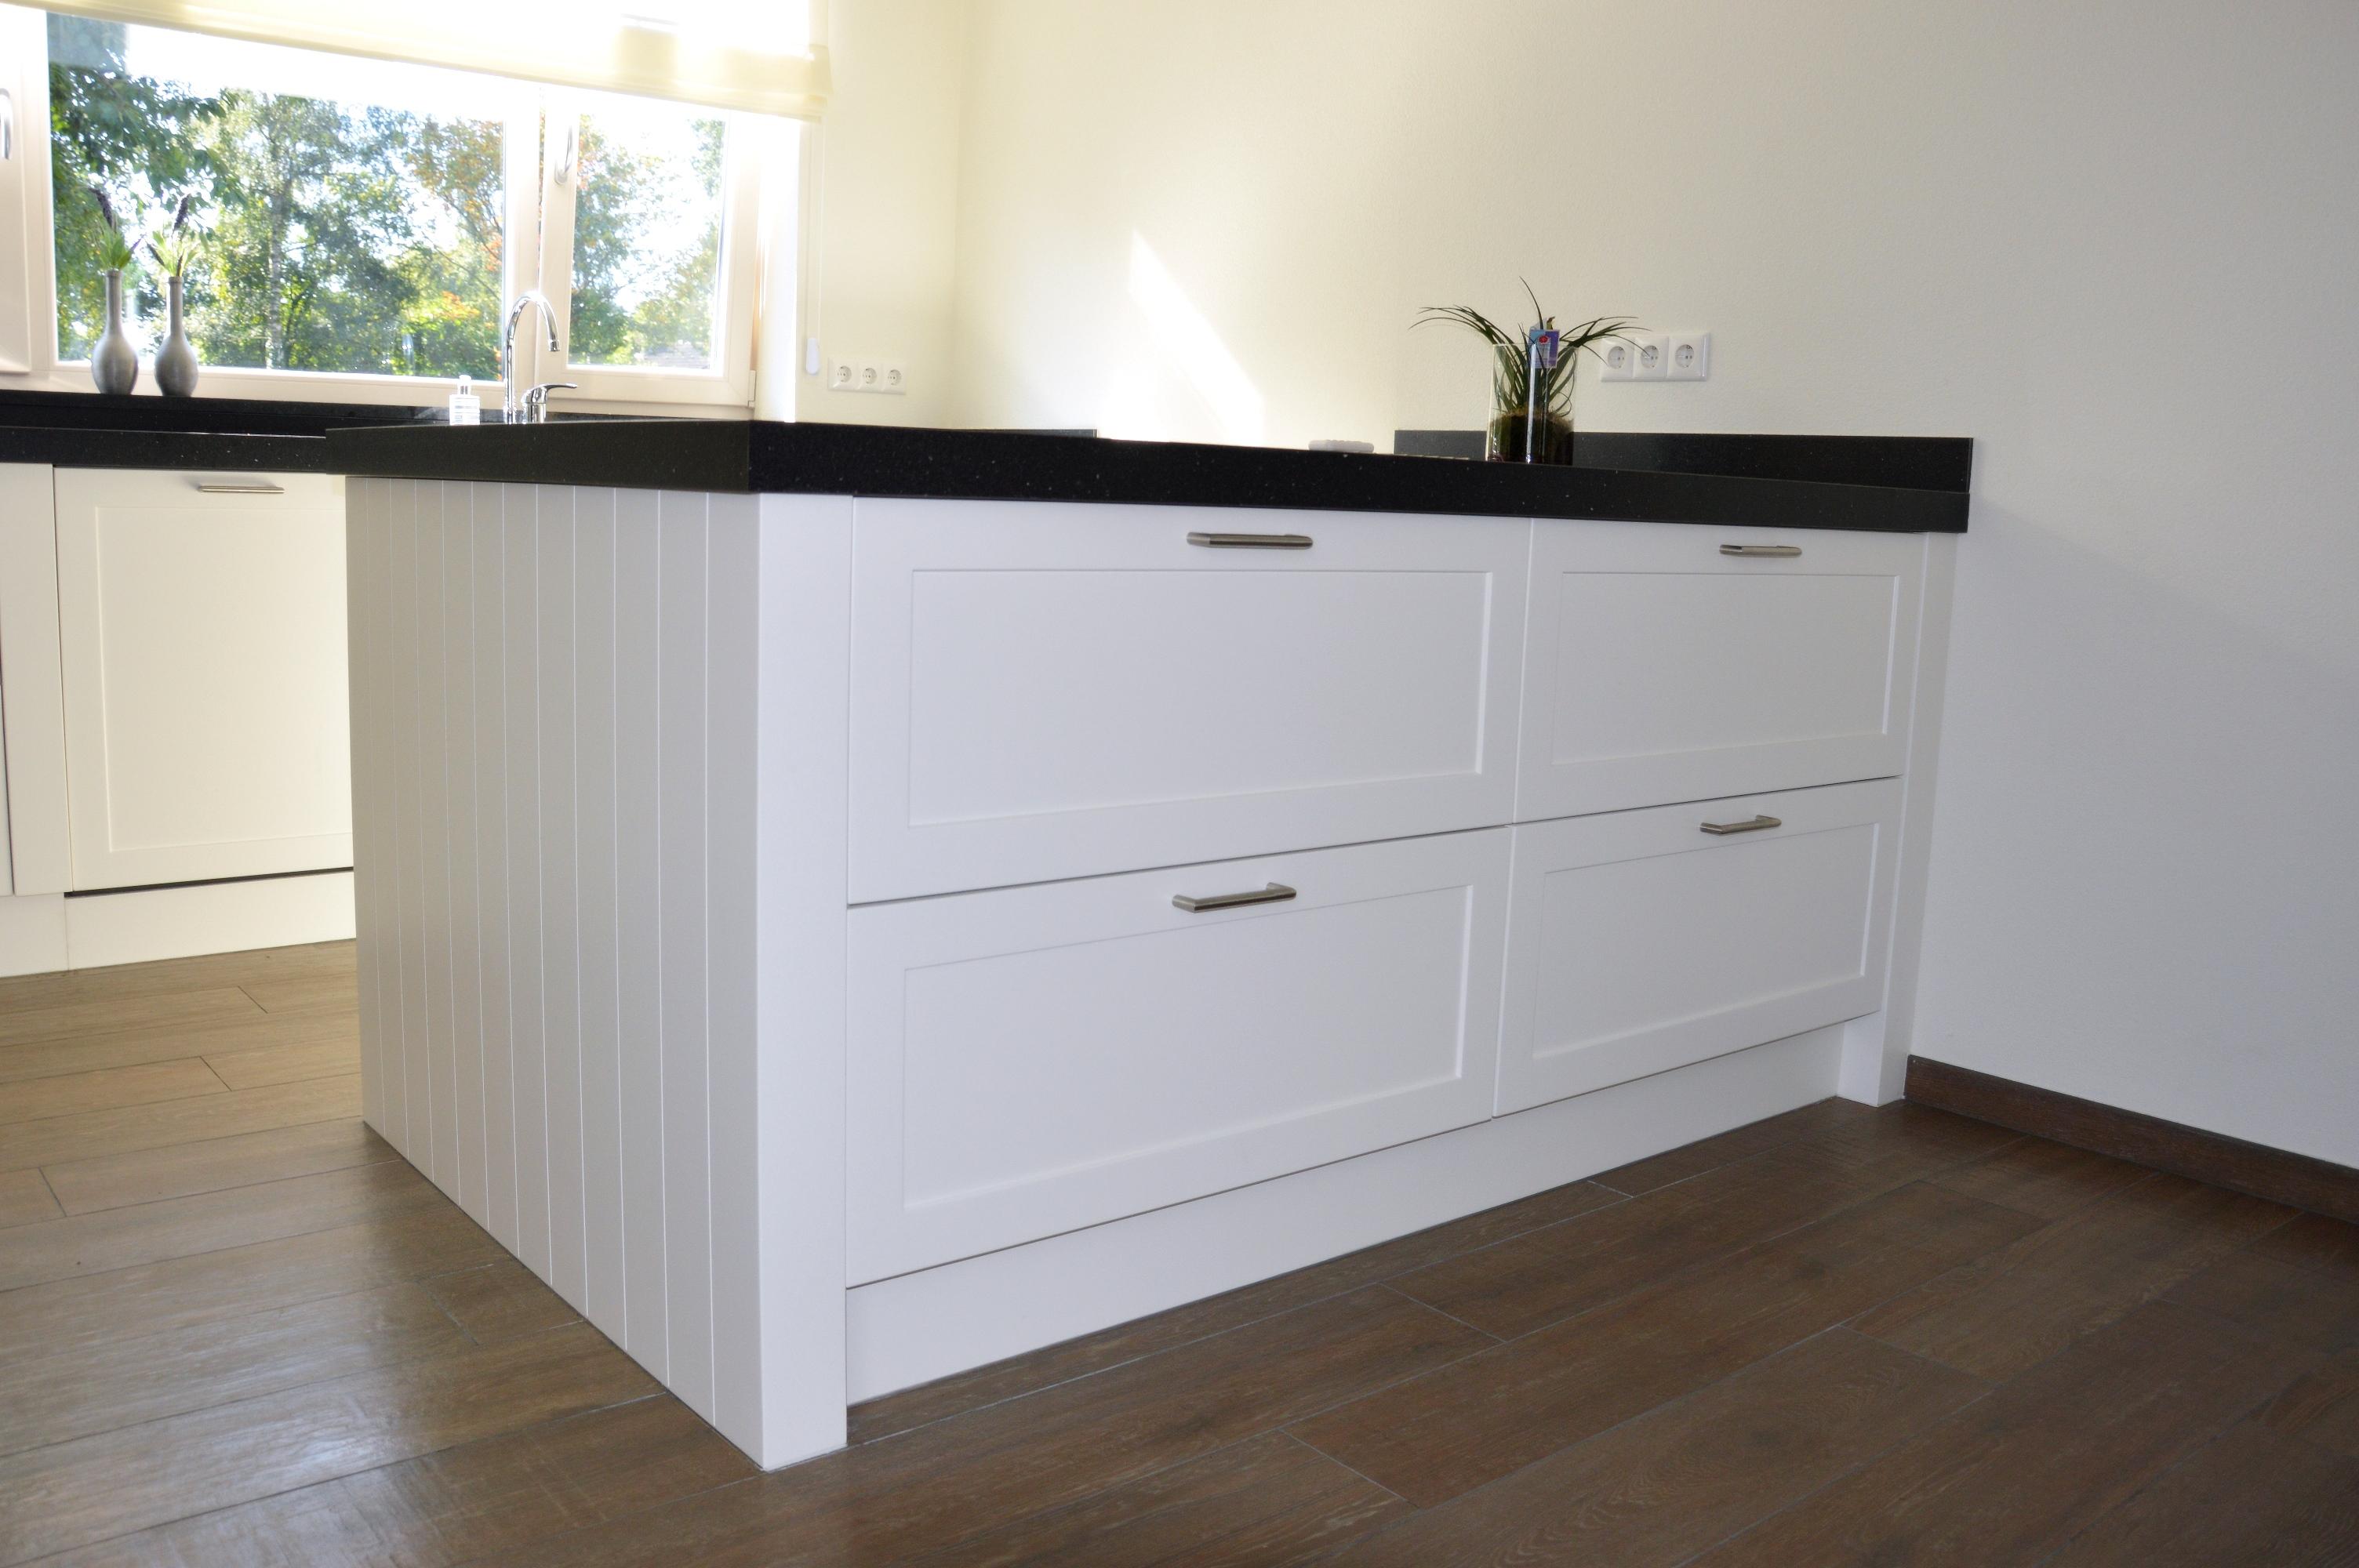 Kookeiland wit het beste van huis ontwerp inspiratie - Keuken kookeiland ontwerp ...